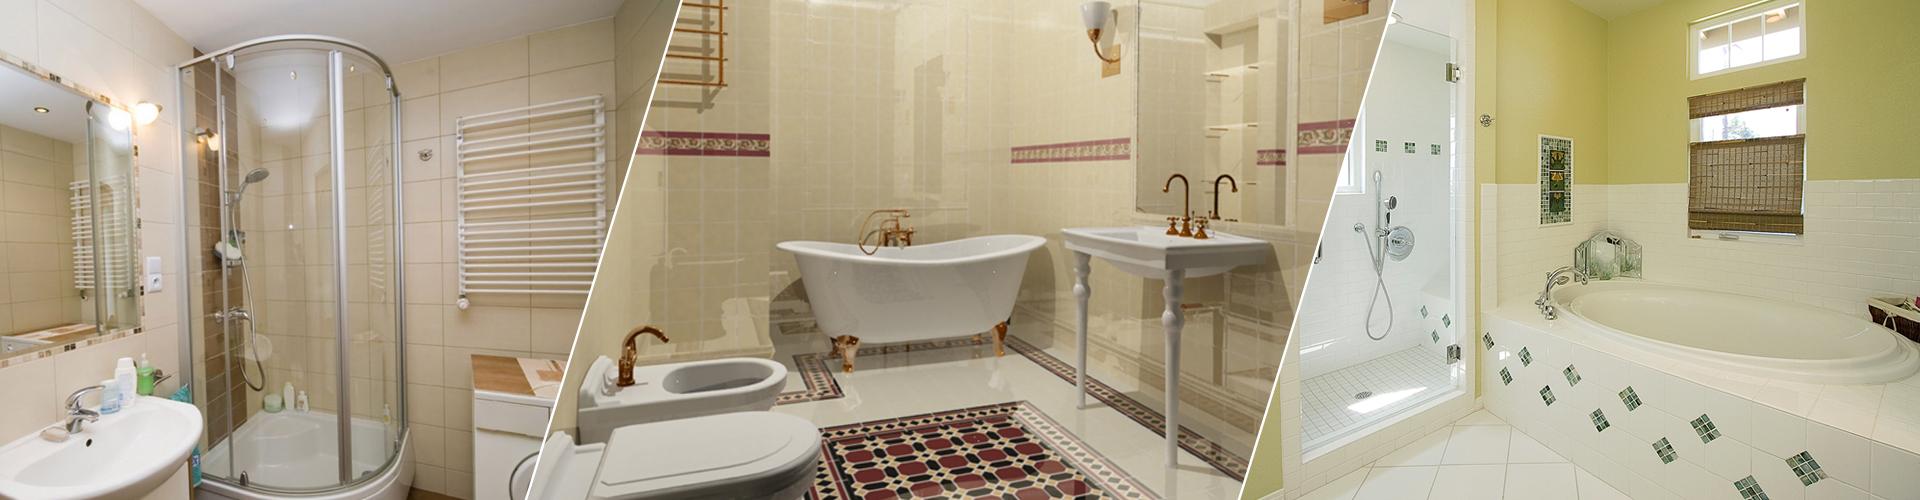 Ремонт ванной комнаты в Кишинёве